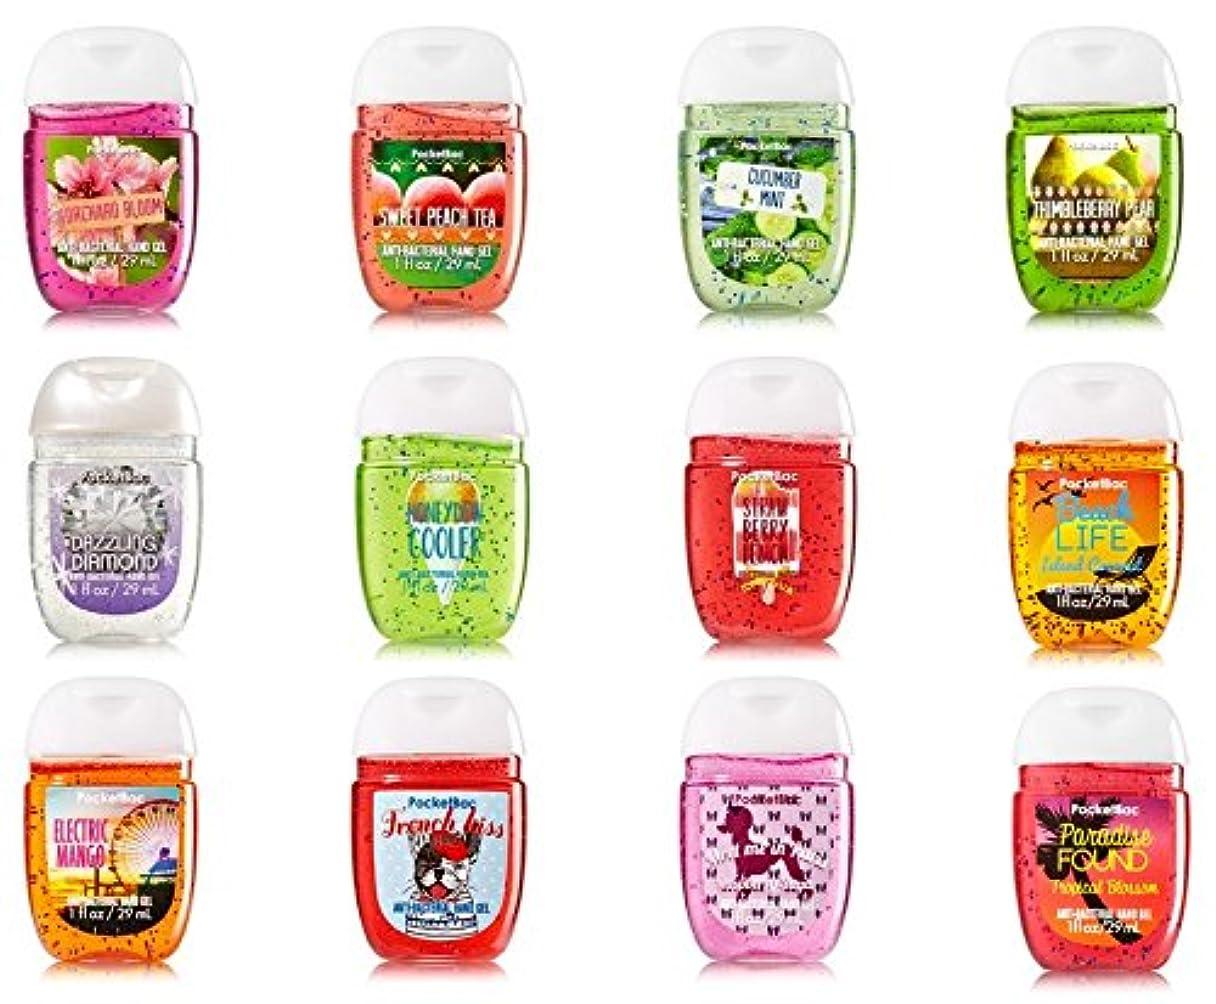 ソケット不規則な契約する【アメリカ直送】Bath & Body Works Pocketbac Variety 12pk  バス&ボディワークス 水のいらない消毒ジェル 抗菌ハンドジェル 12個セット 各29ml